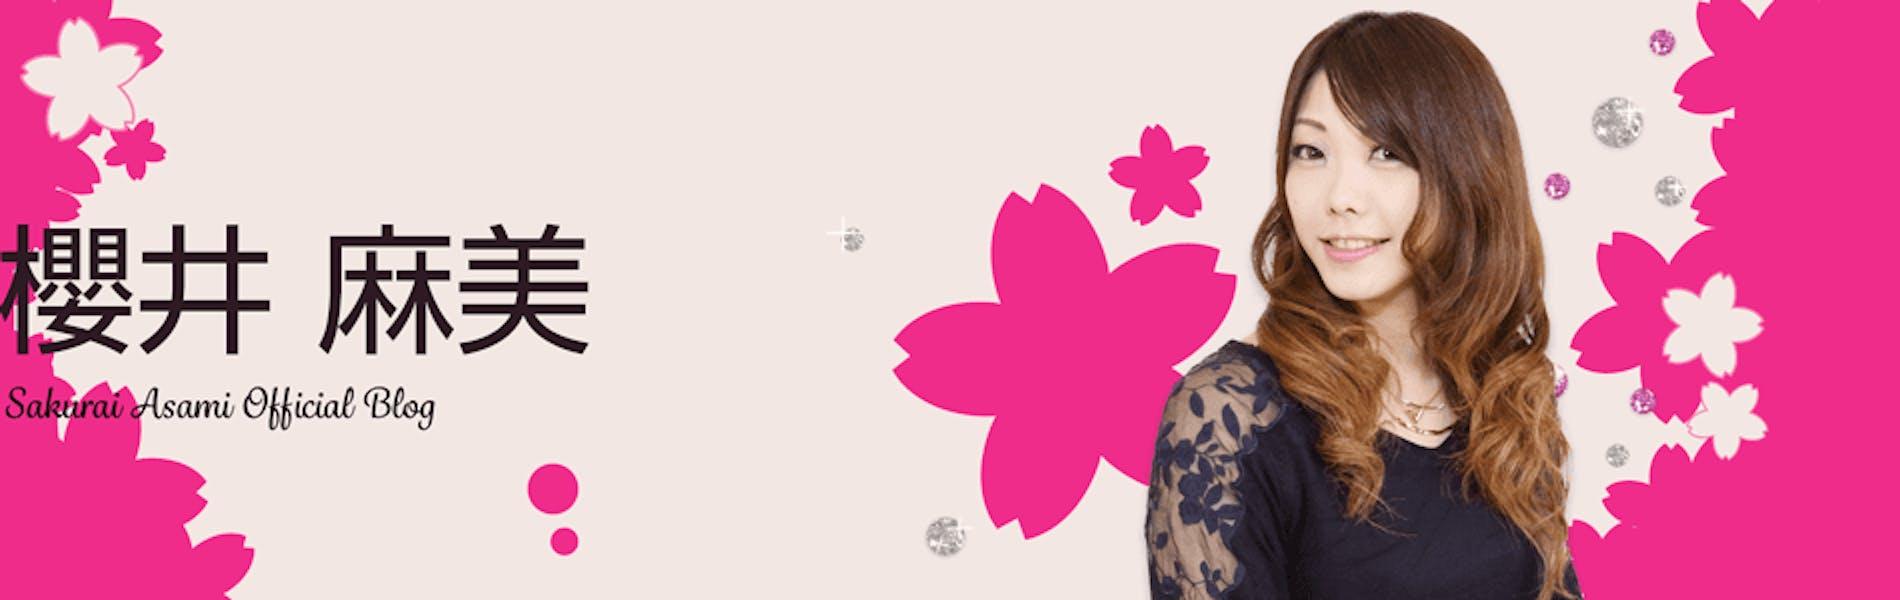 櫻井麻美 オフィシャルブログ